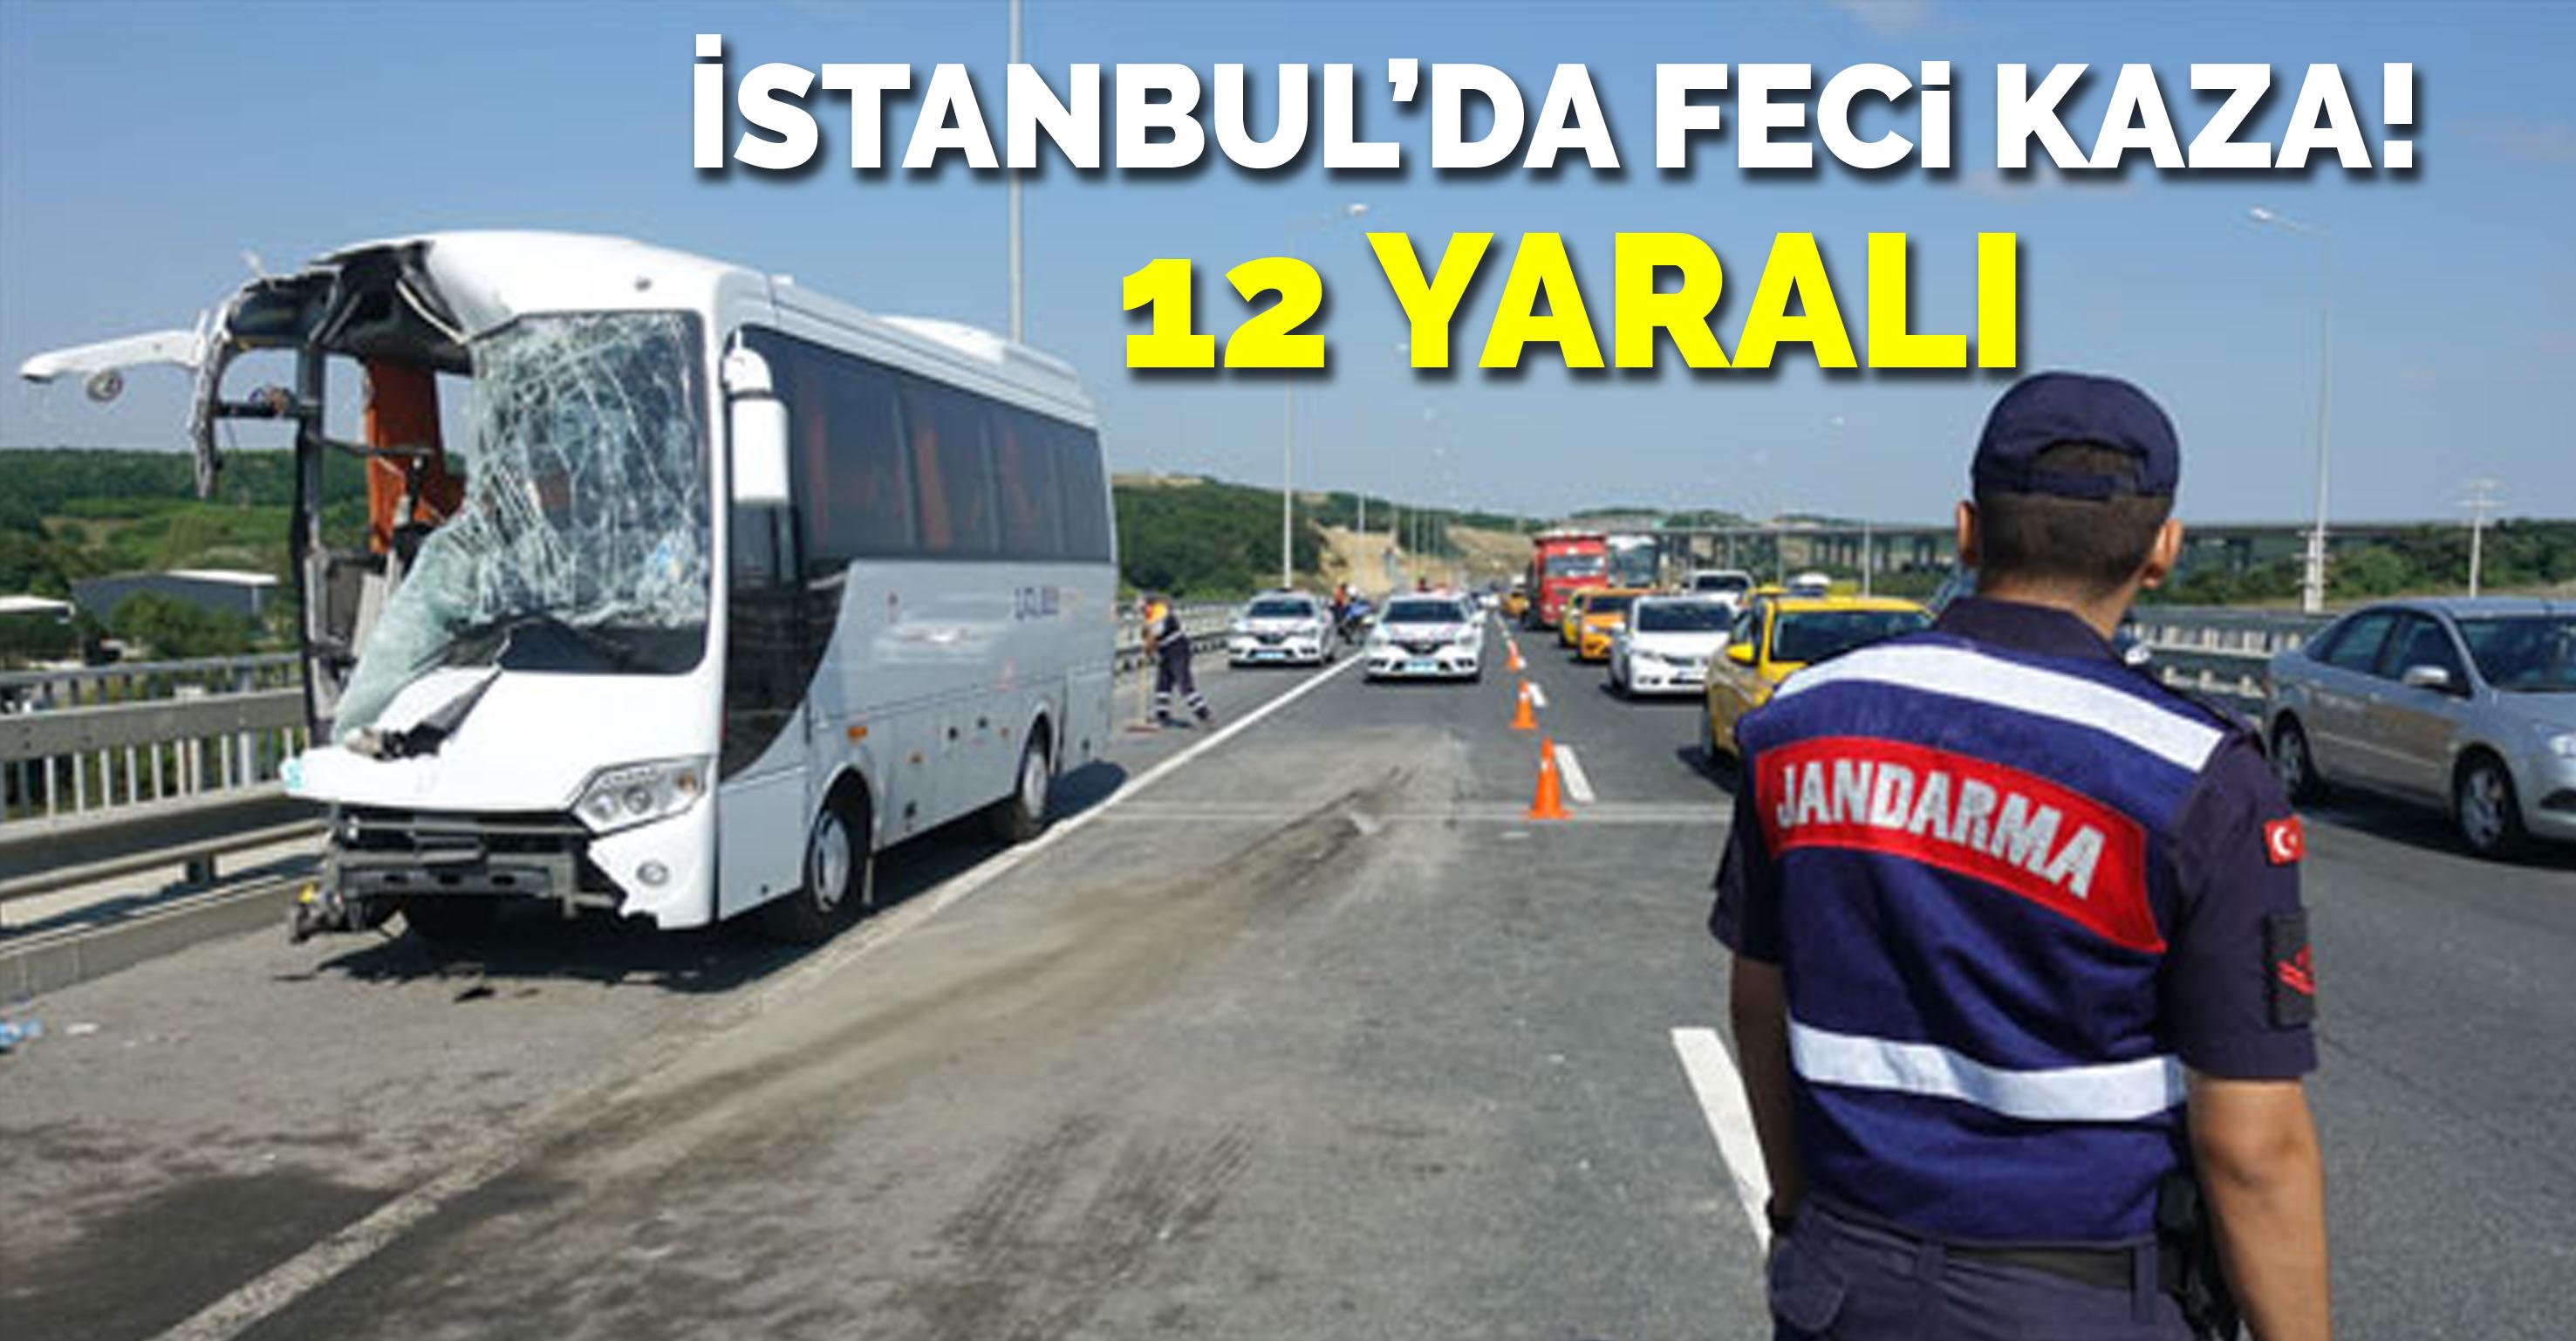 İstanbul'da feci kaza! 12 yaralı